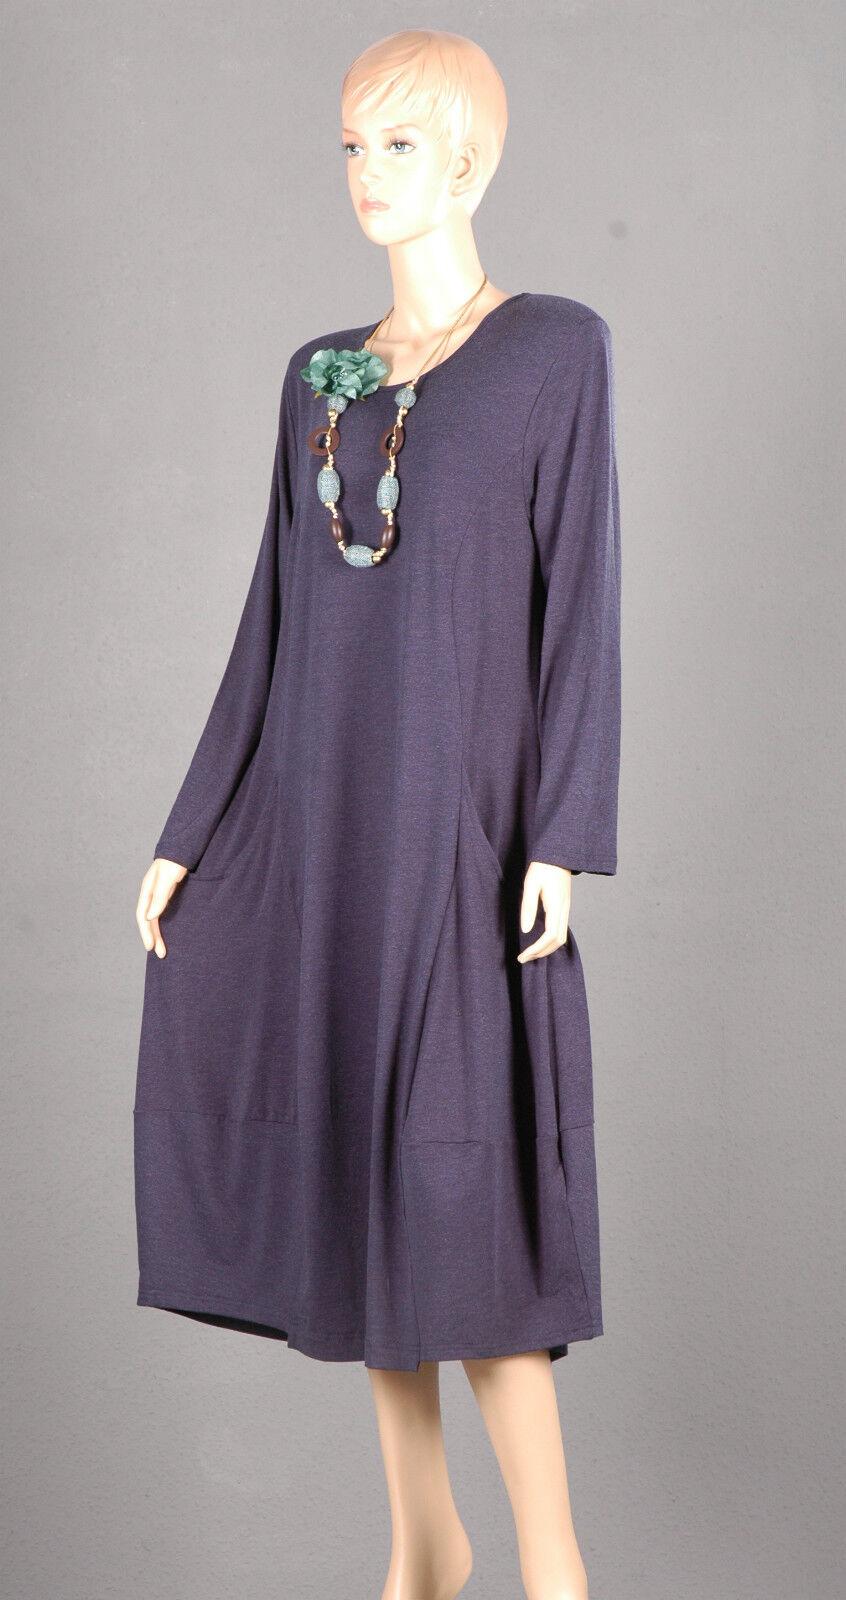 NUOVO elegante elegante elegante qualità Premium donna vestito dress palloncino Lagenlook a-linea 42 XL 2 b65cc8